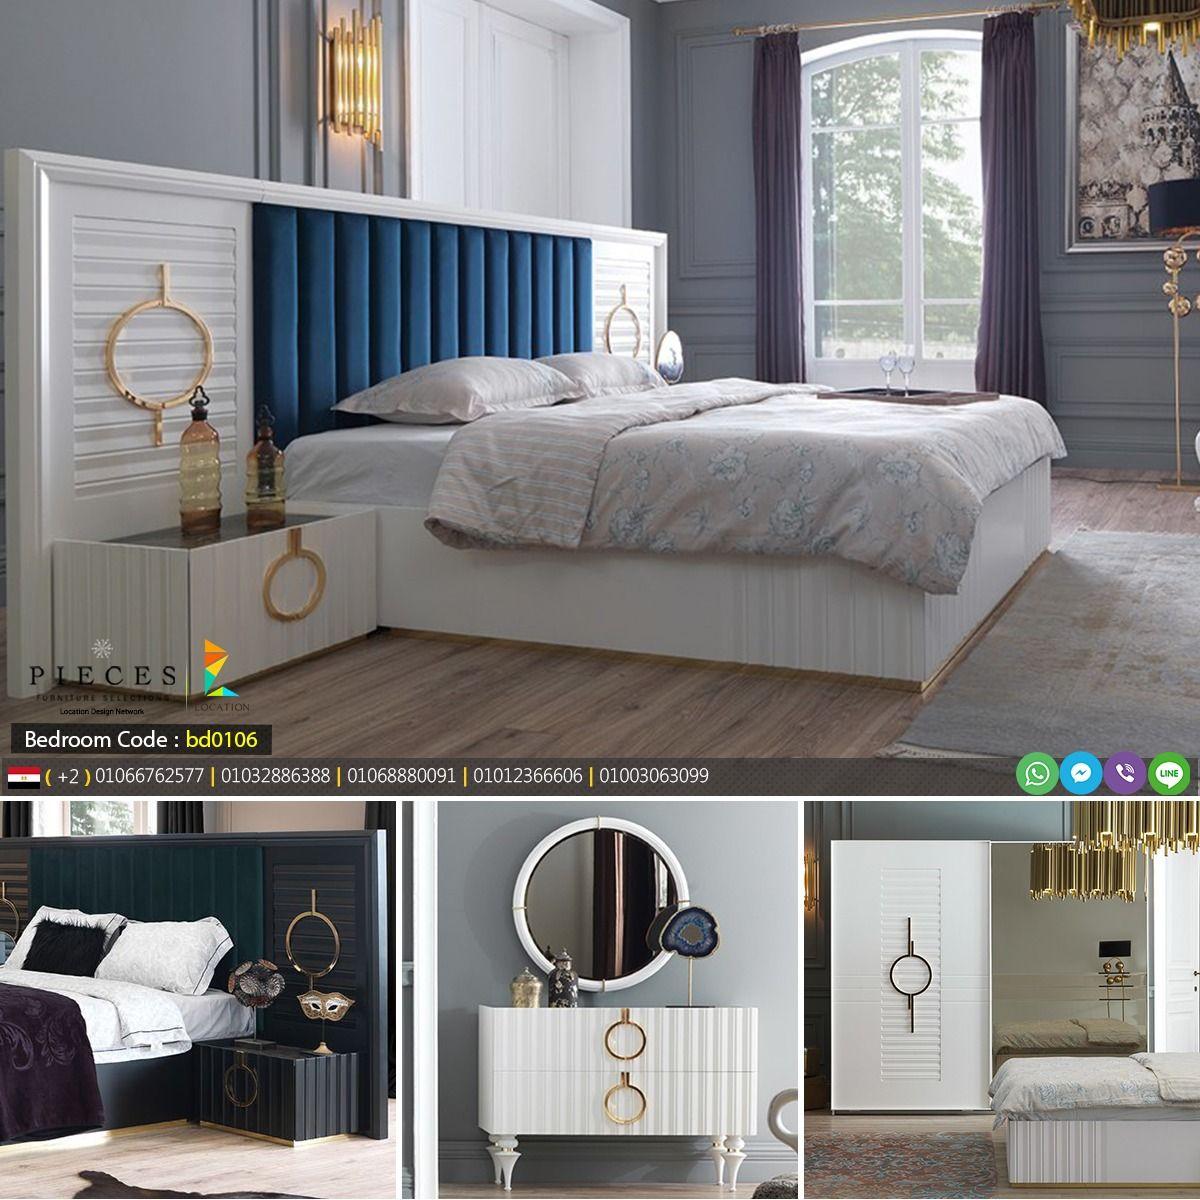 احدث كتالوج تصميم غرف نوم مودرن 2017 2018 بأذواق عالمية لوكشين ديزين نت Bedroom Bed Bed Home